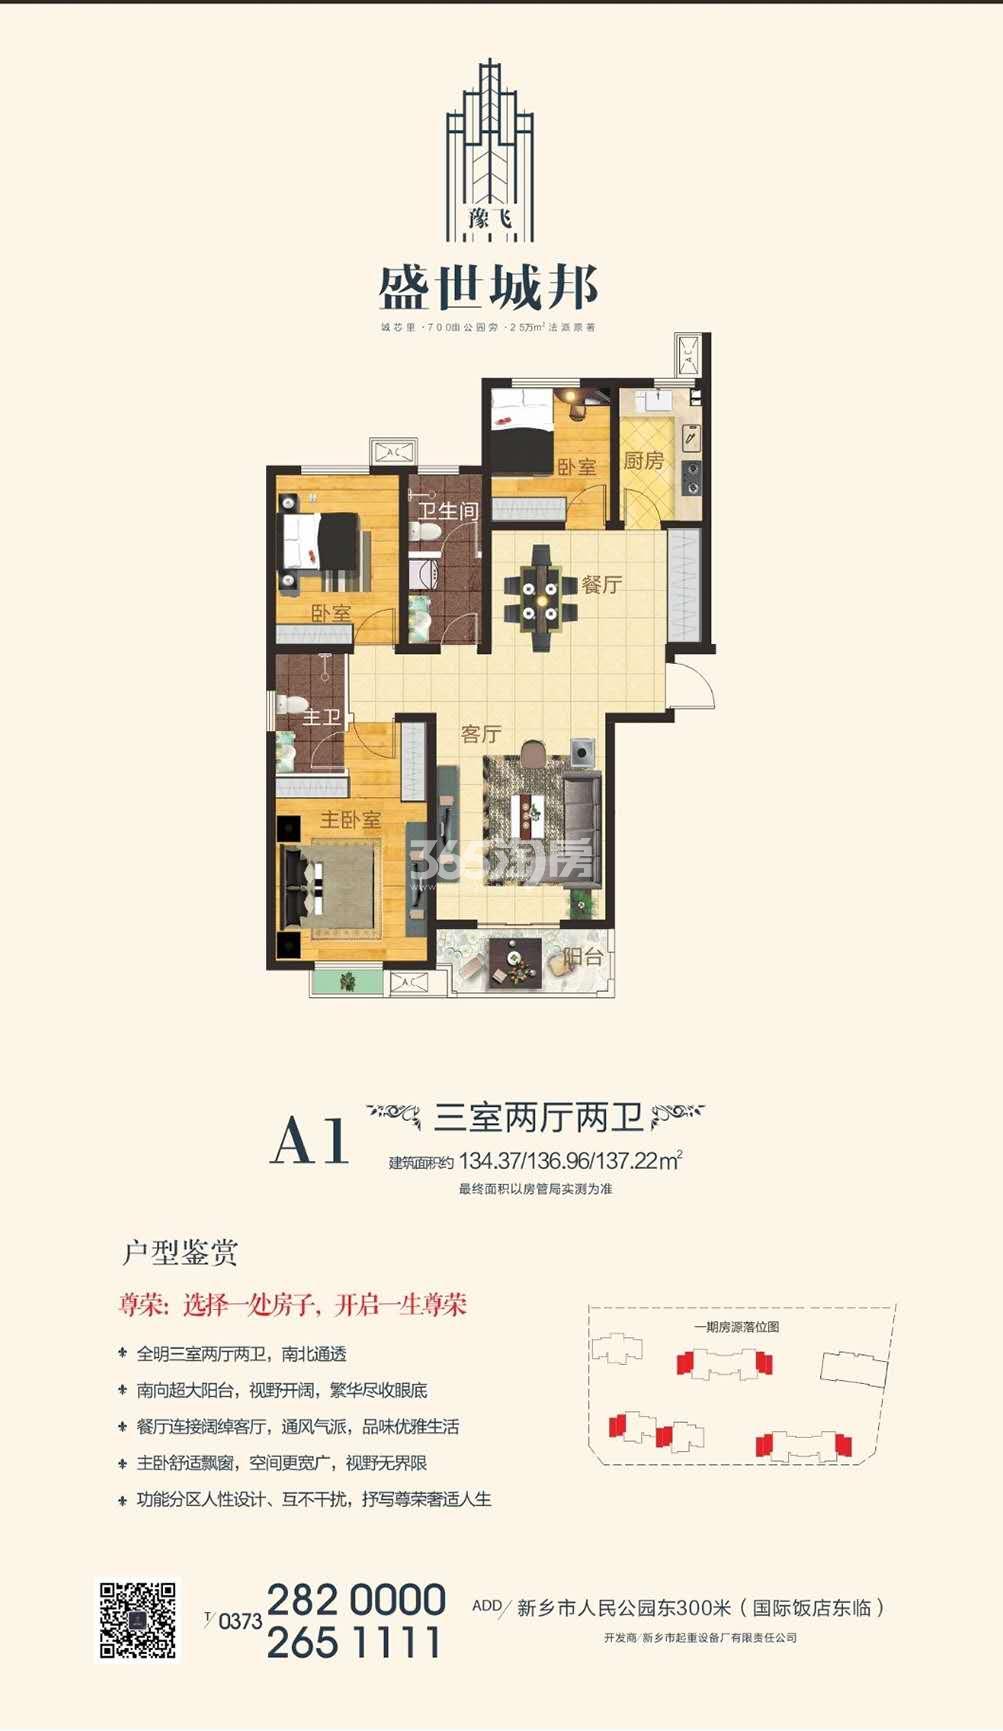 A1三室两厅两卫136.22